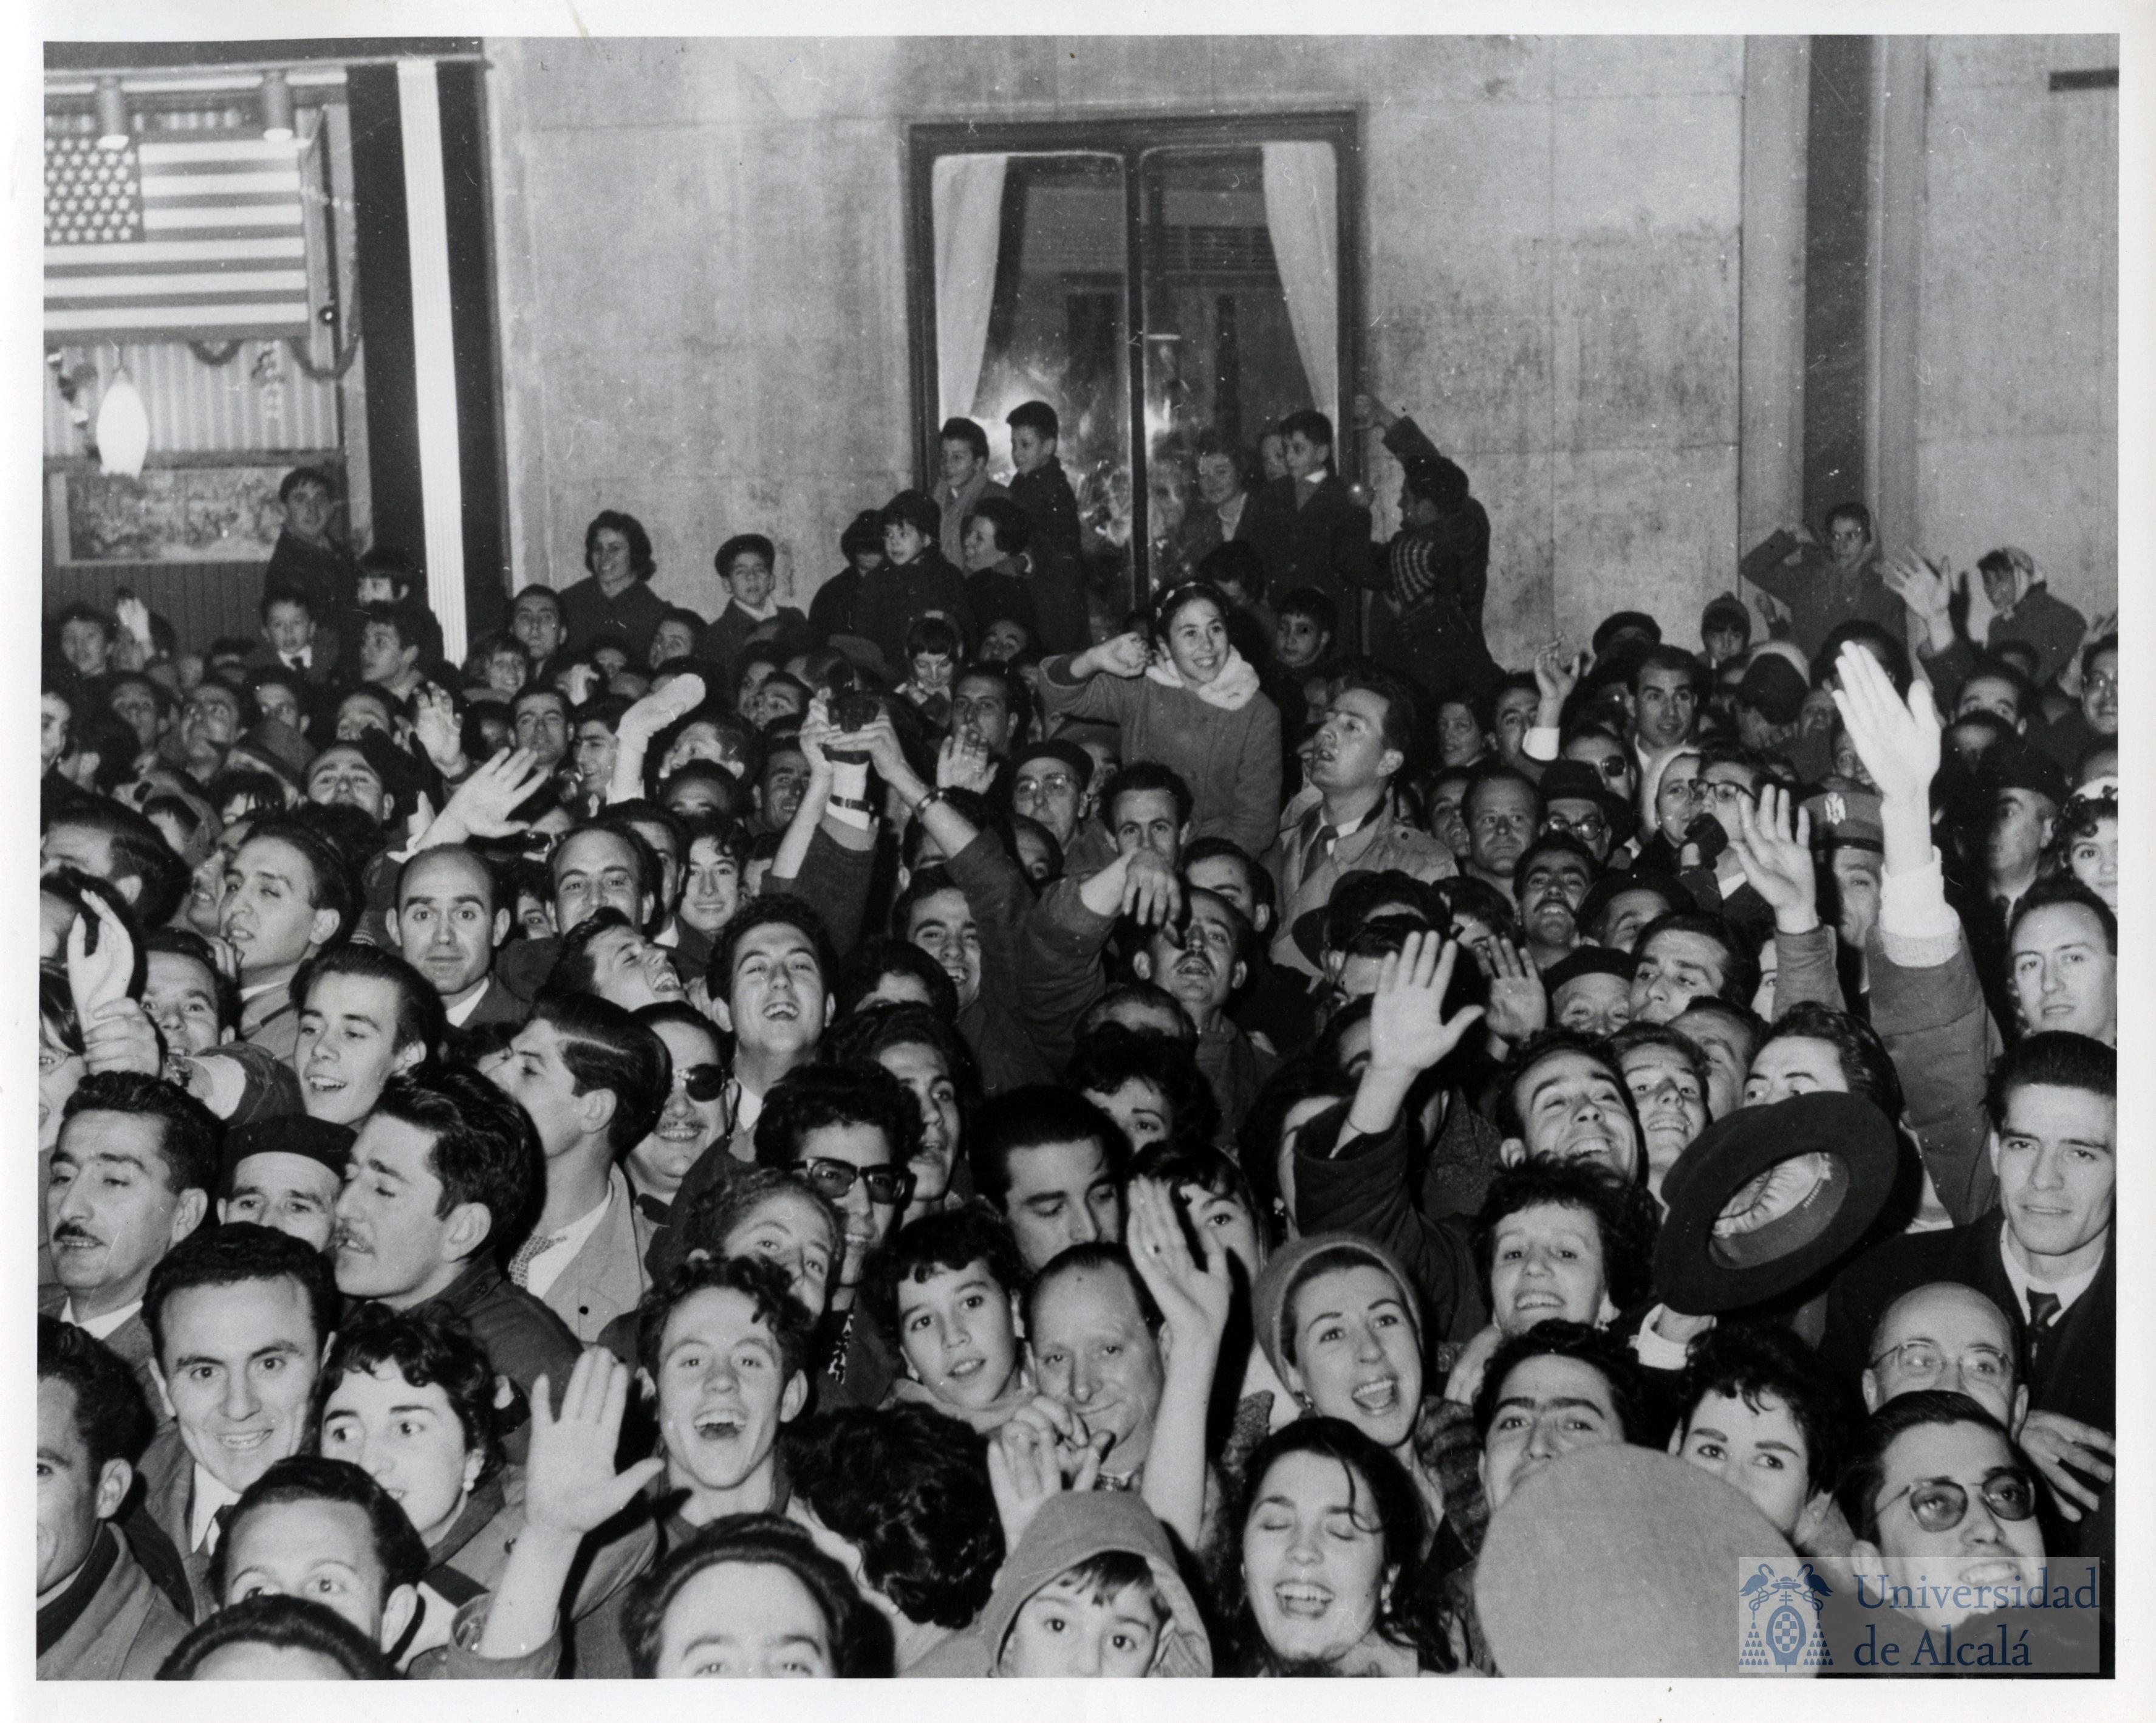 Los madrileños esperaron durante horas para ver pasar la caravana en la que viajaban Franco y Eisenhower